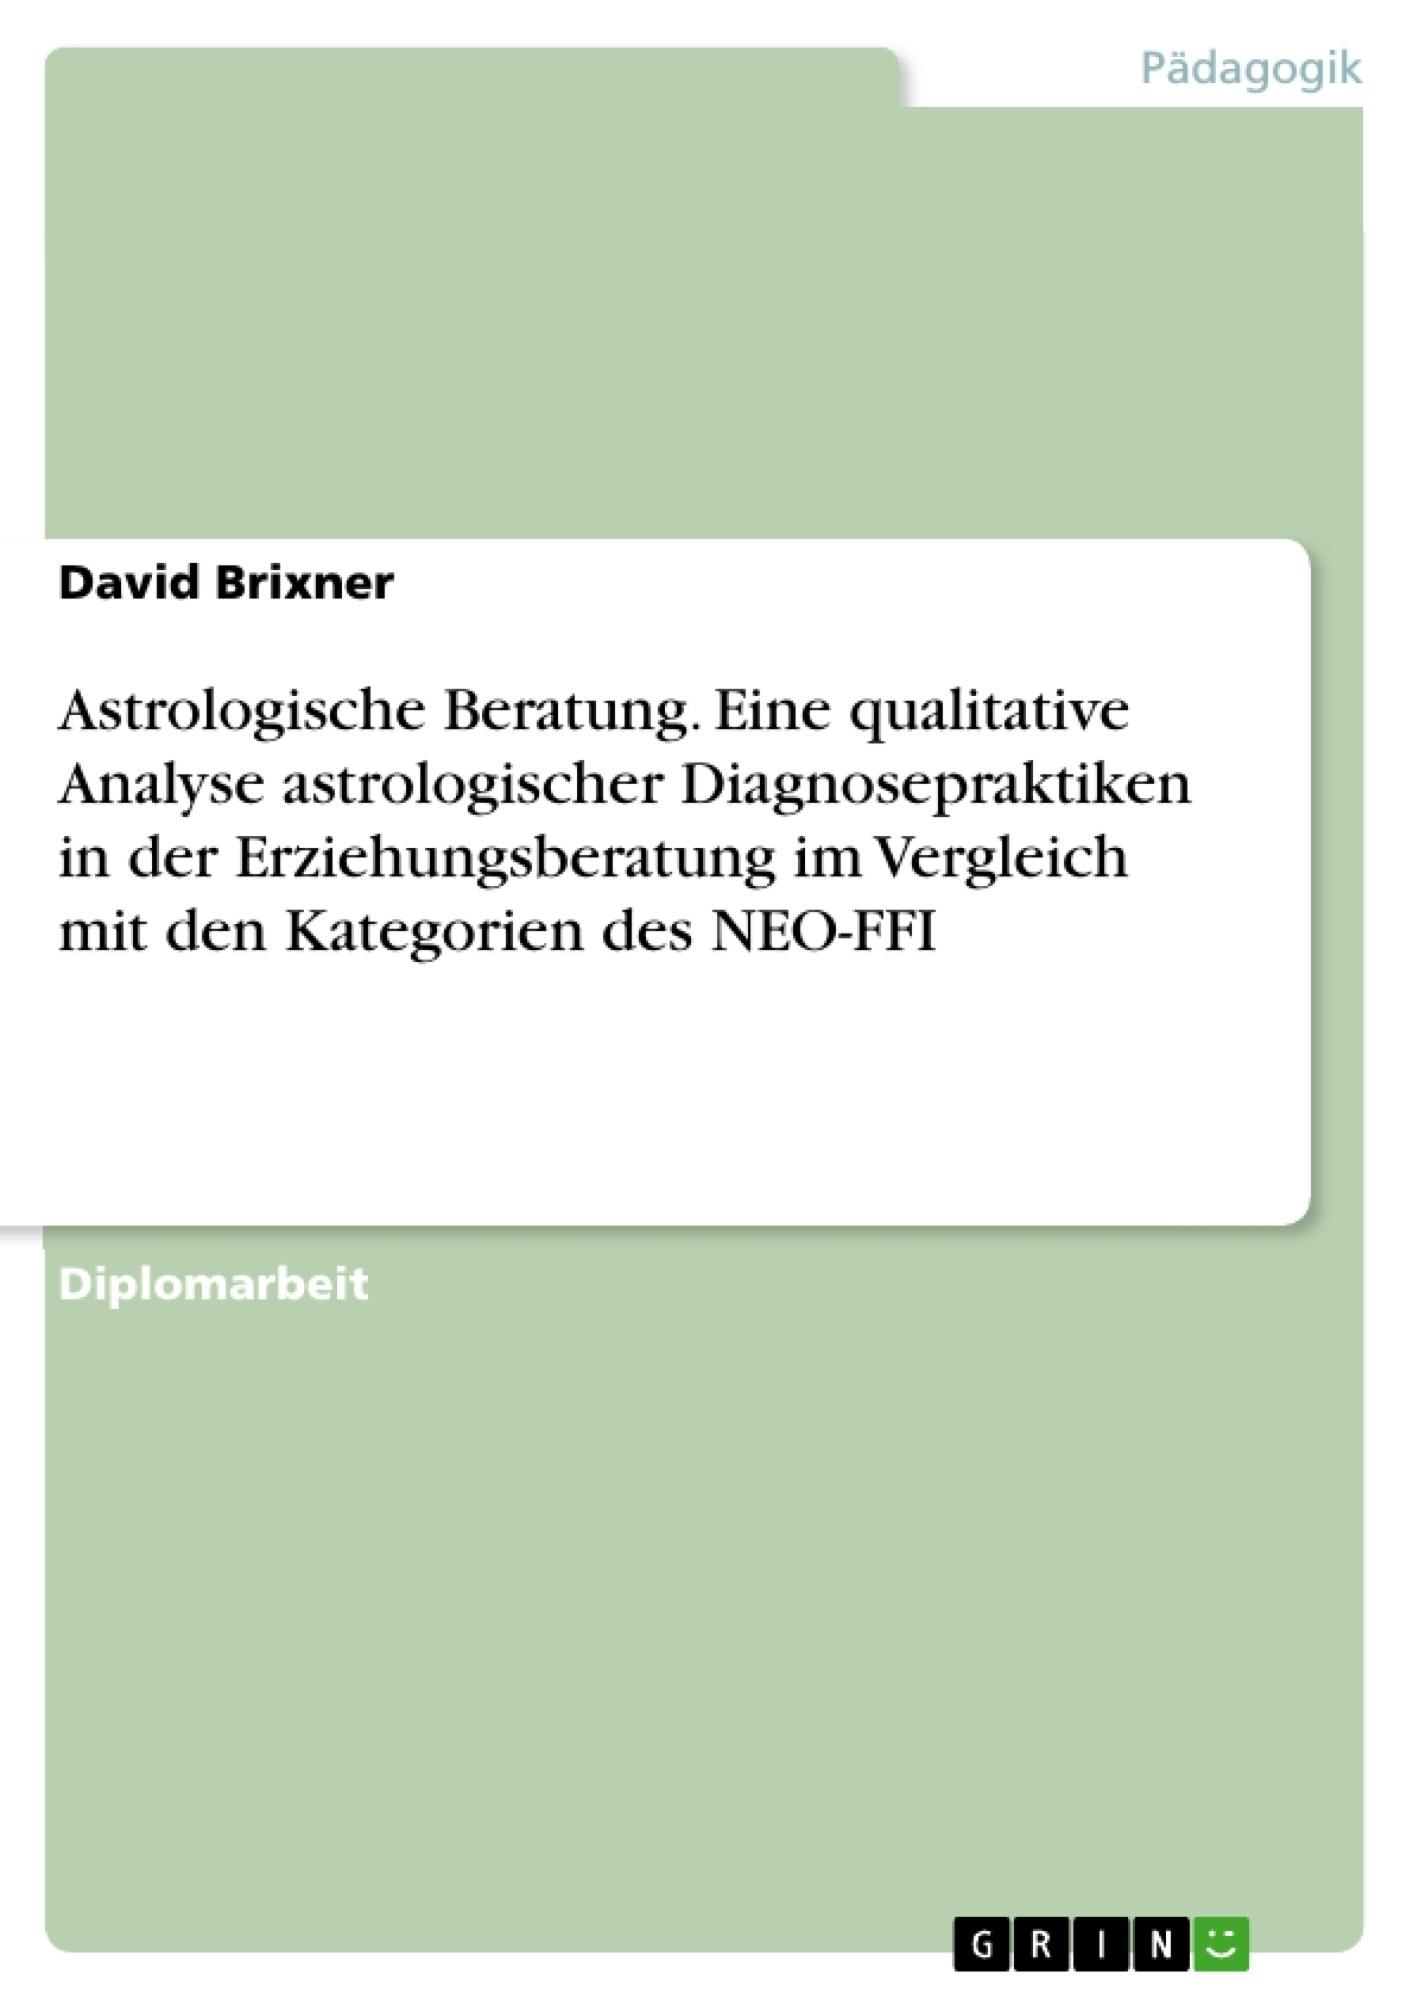 Titel: Astrologische Beratung. Eine qualitative Analyse astrologischer Diagnosepraktiken in der Erziehungsberatung im Vergleich mit den Kategorien des NEO-FFI